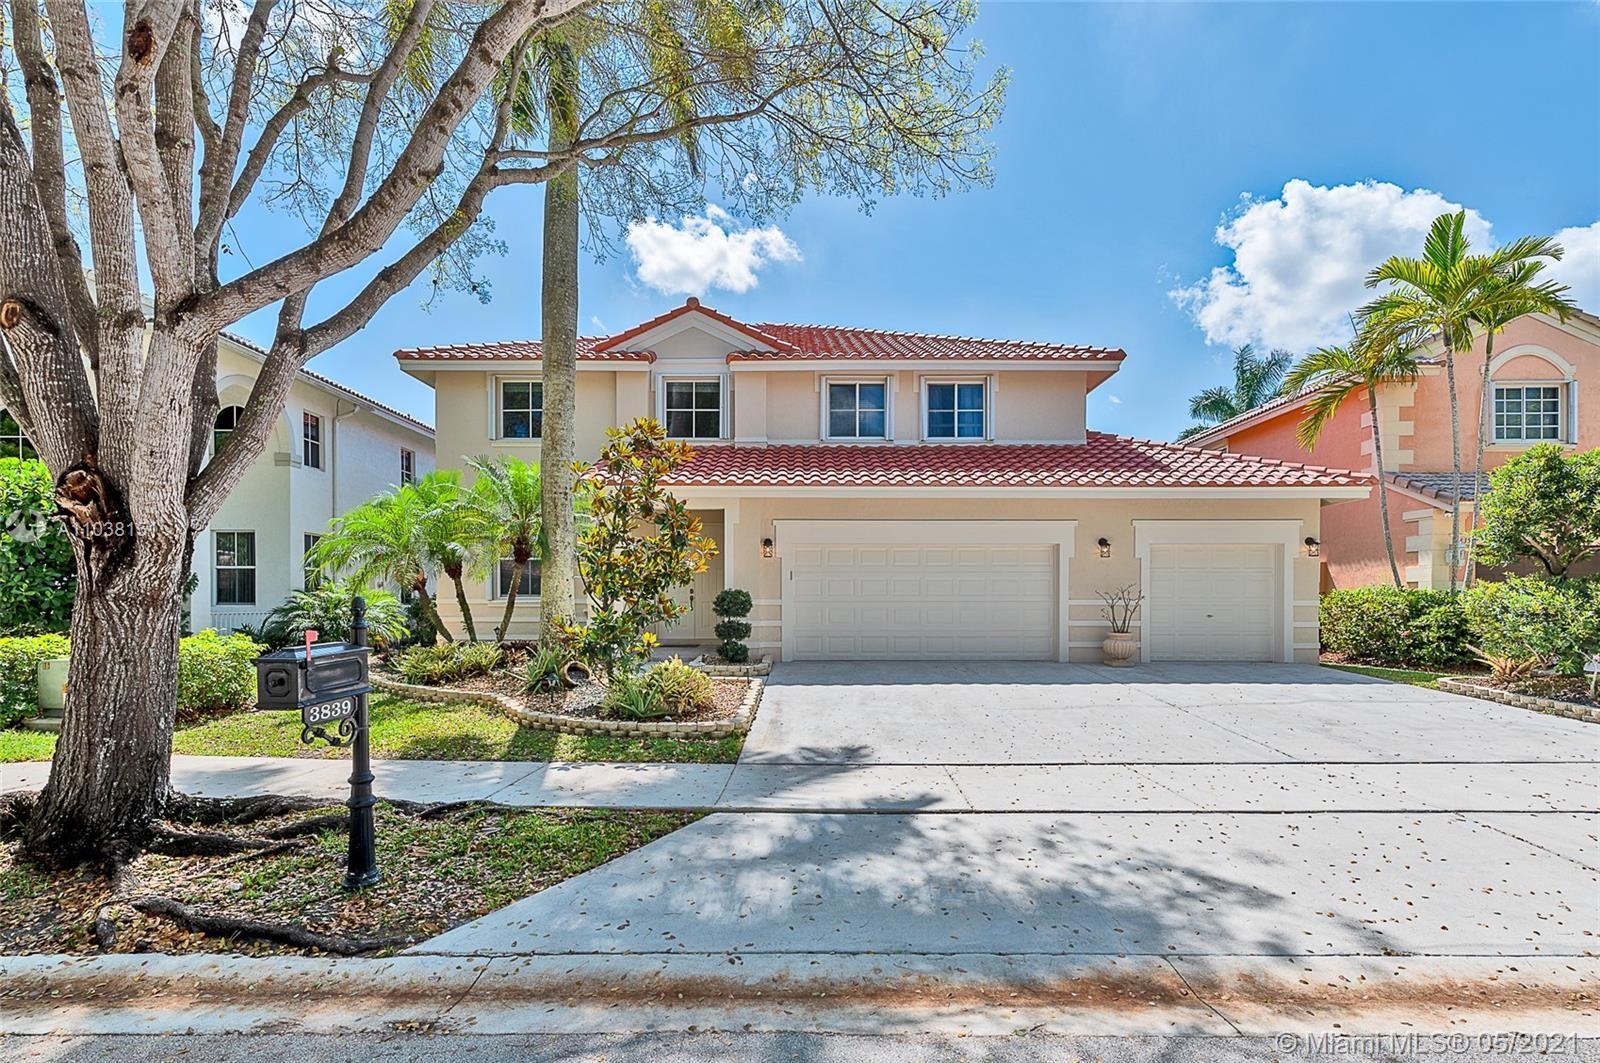 3839 Crestwood Cir, Weston, FL 33331 - #: A11038151